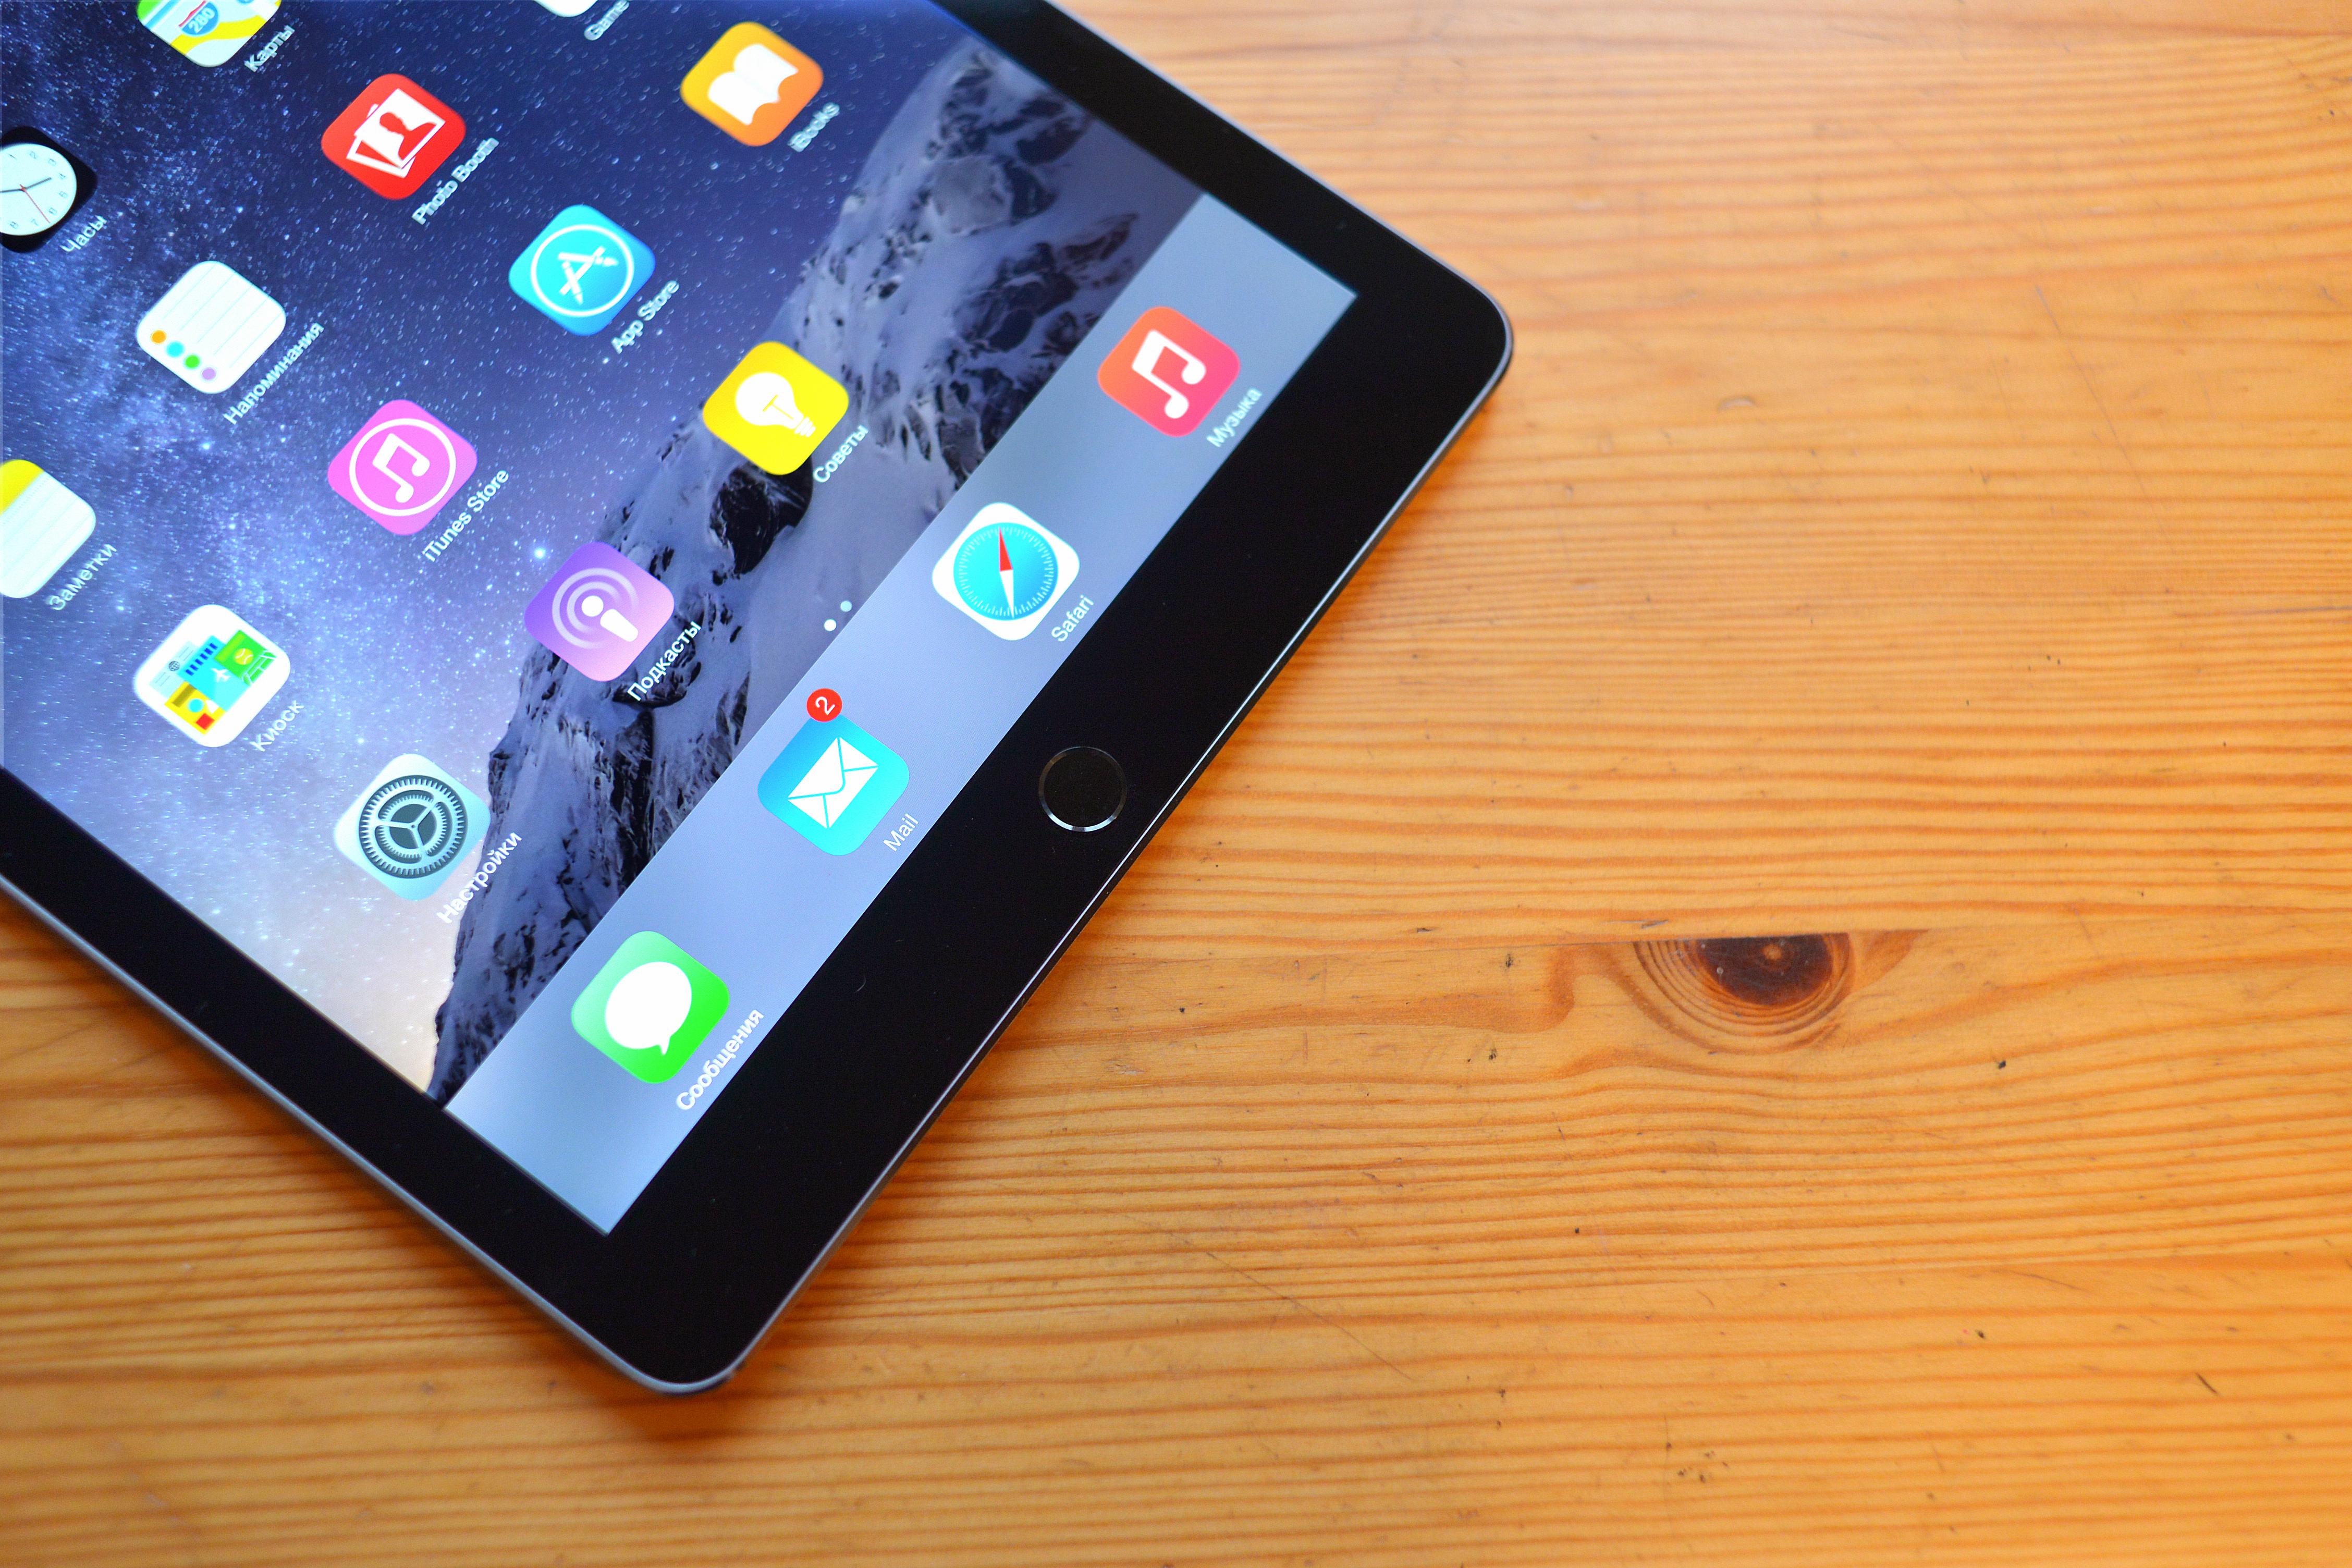 Обзор и опыт эксплуатации iPad Air 2. Стильный, тонкий, мощный